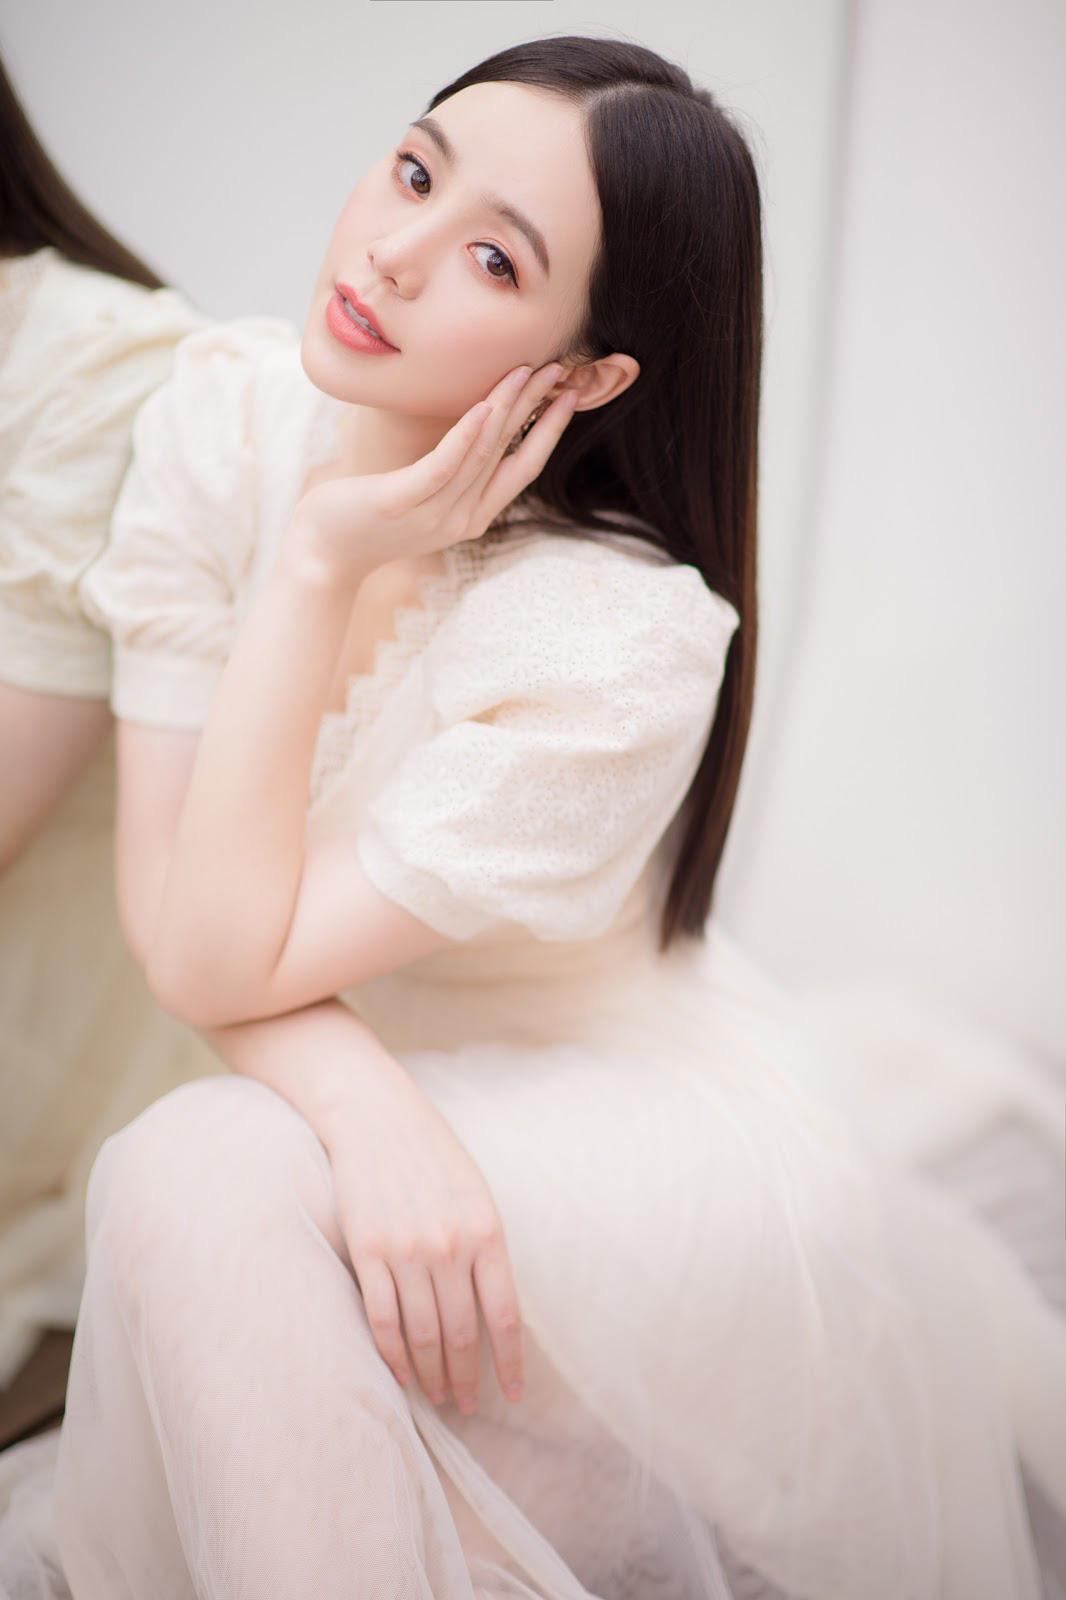 Thu đến rồi, nghe diễn viên Quỳnh Kool mách những item váy vóc cho quý cô sành điệu - Ảnh 1.